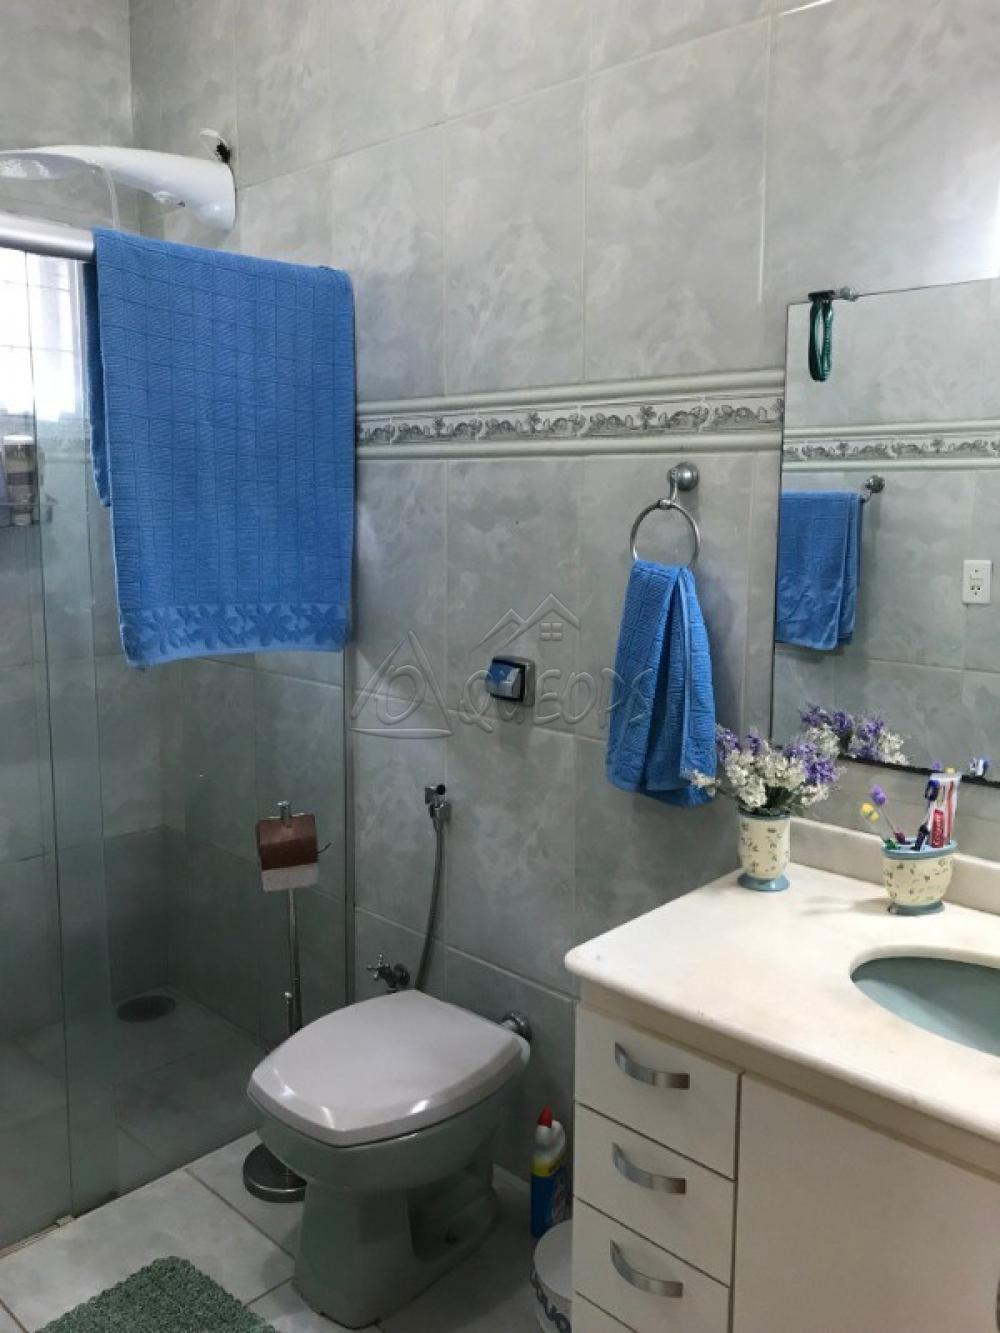 Comprar Casa / Padrão em Barretos apenas R$ 530.000,00 - Foto 13